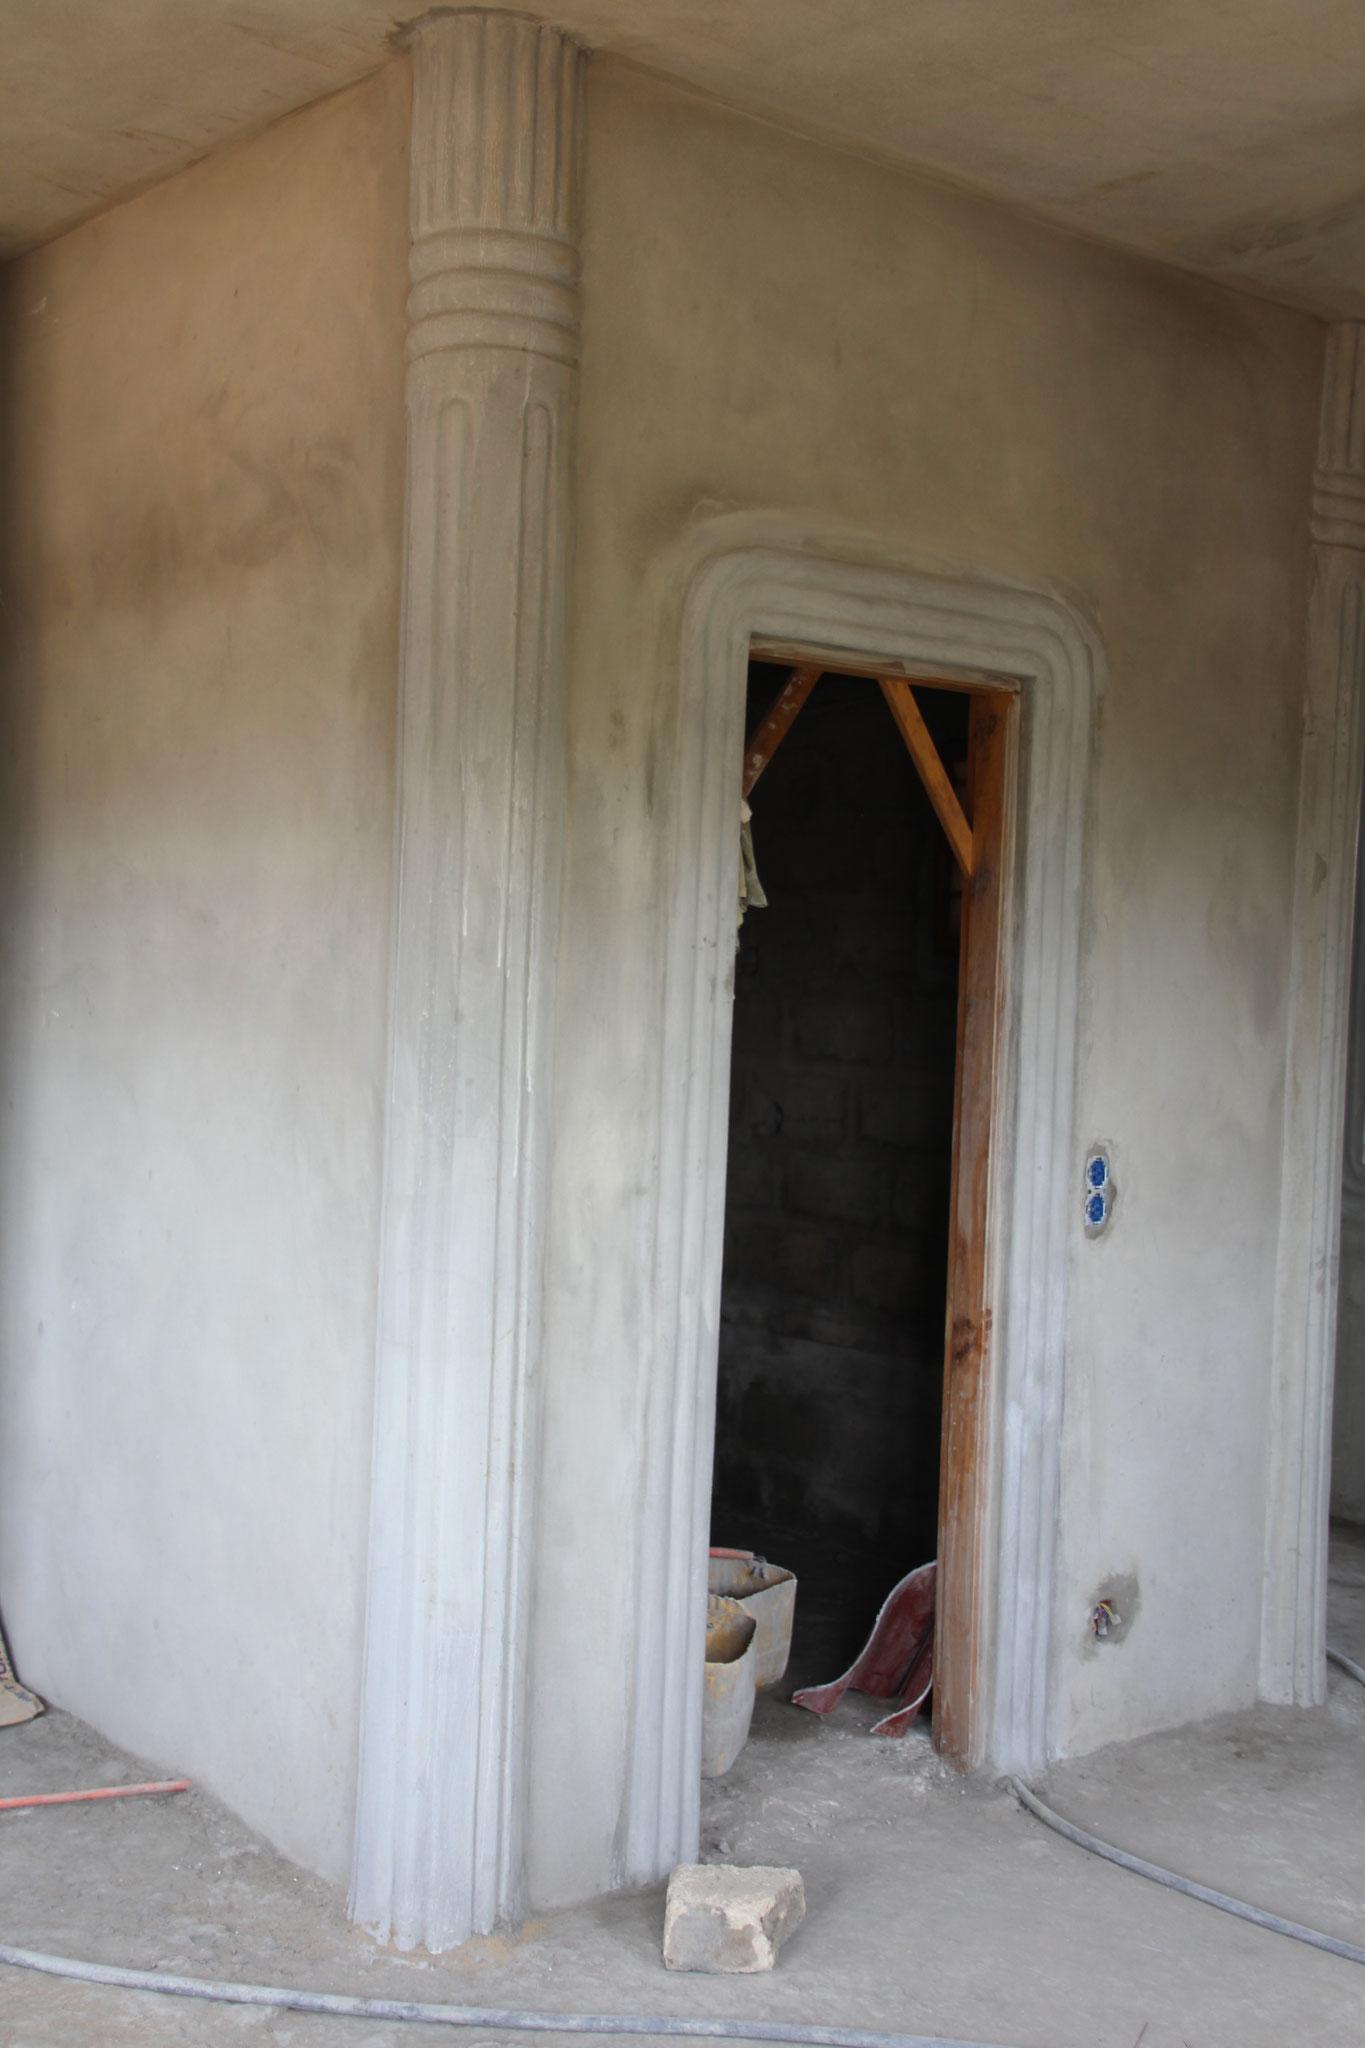 Verzierte Türe des kleinen Zimmers.